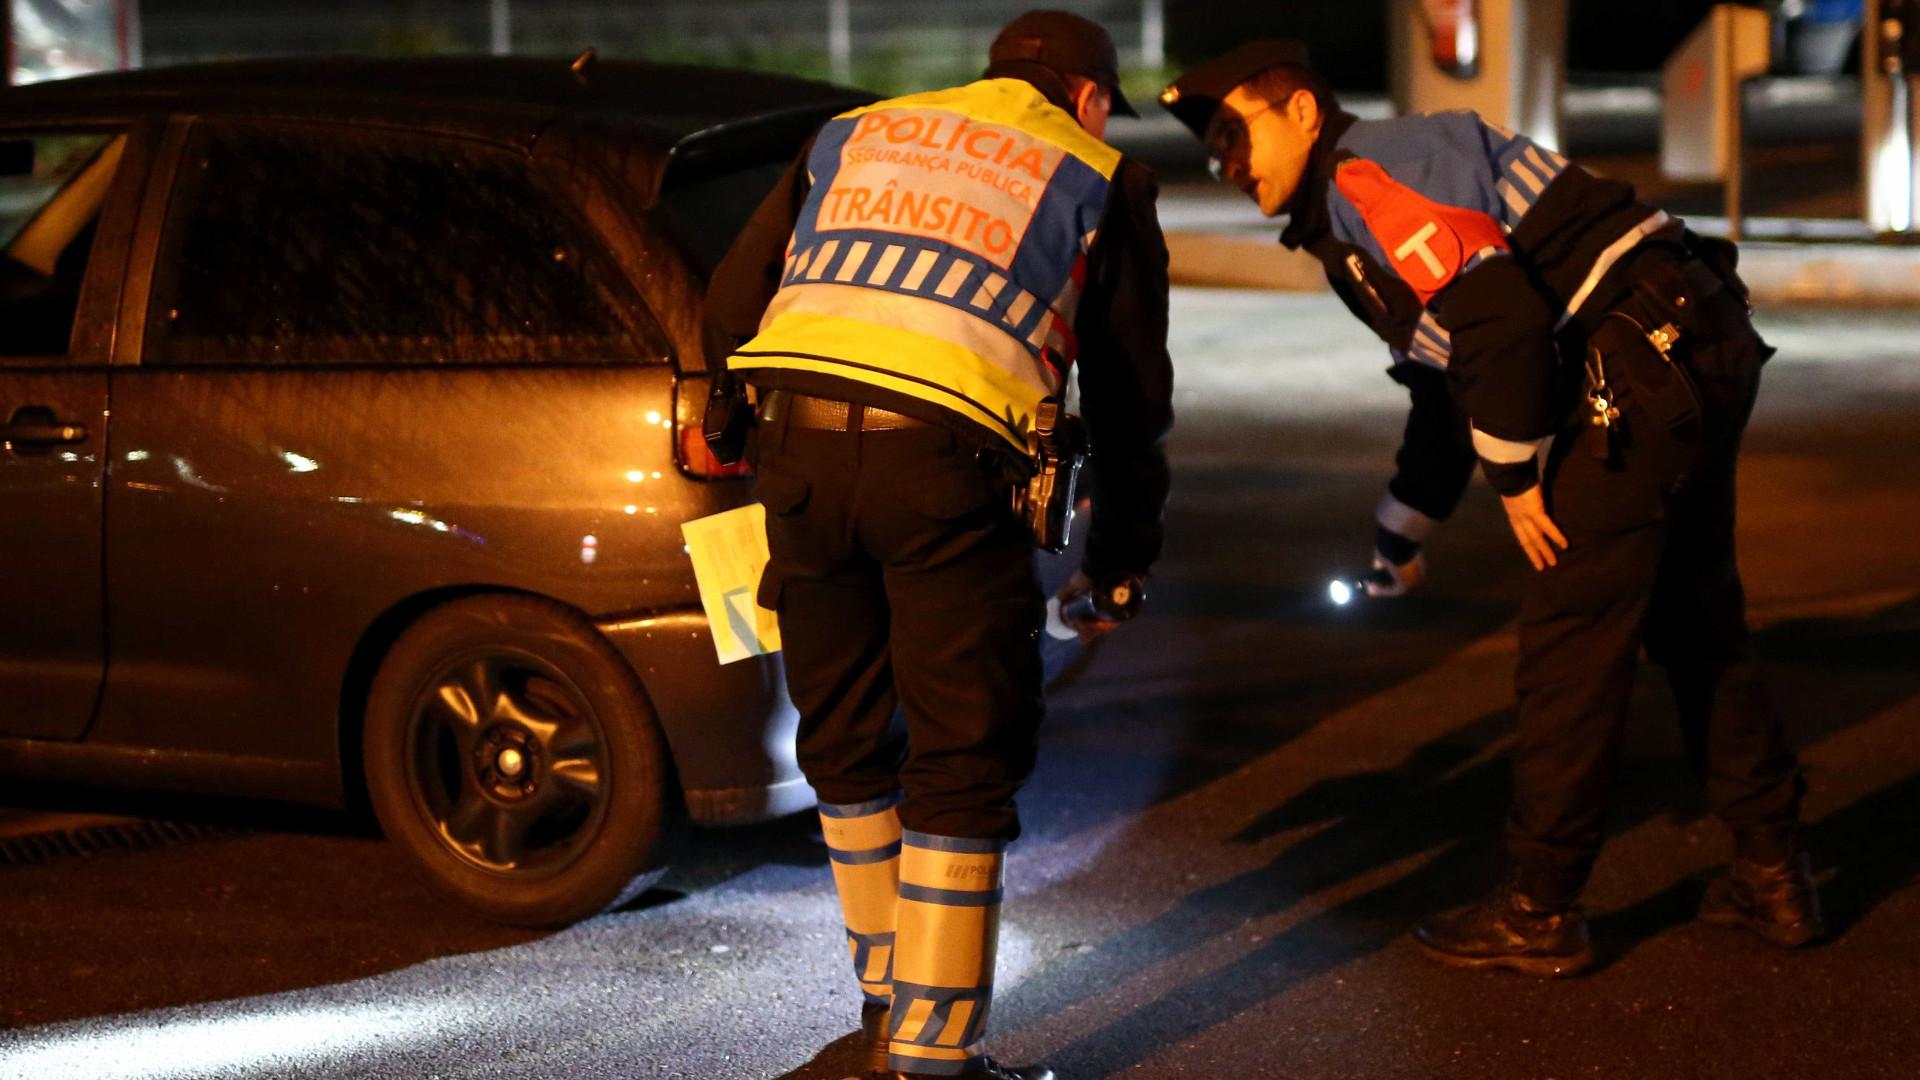 Apreendidos em Santarém explosivos e detonadores, duas pessoas detidas